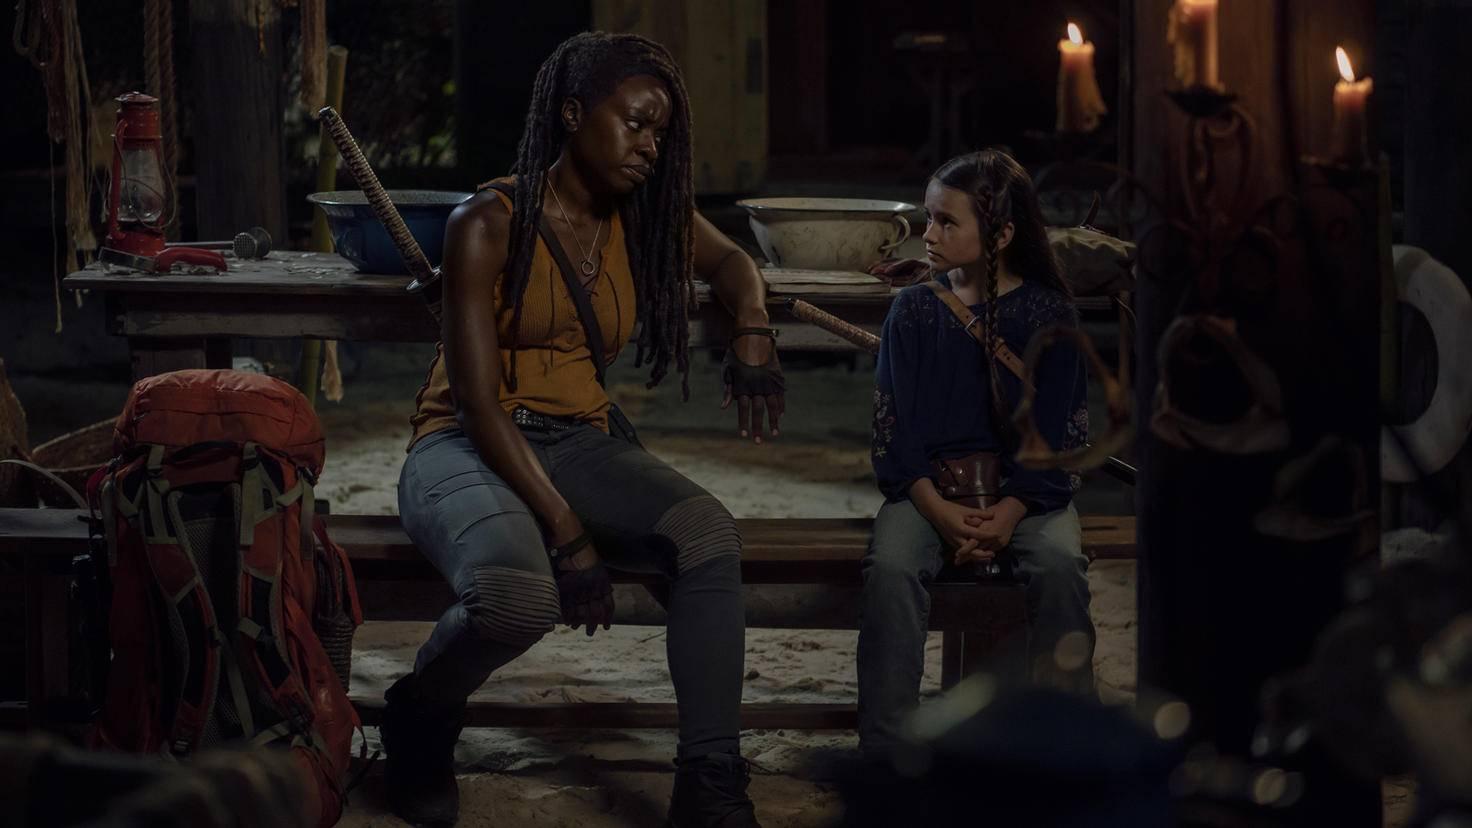 The Walking Dead-S10E08-Michonne-Judith-Gene Page-AMC